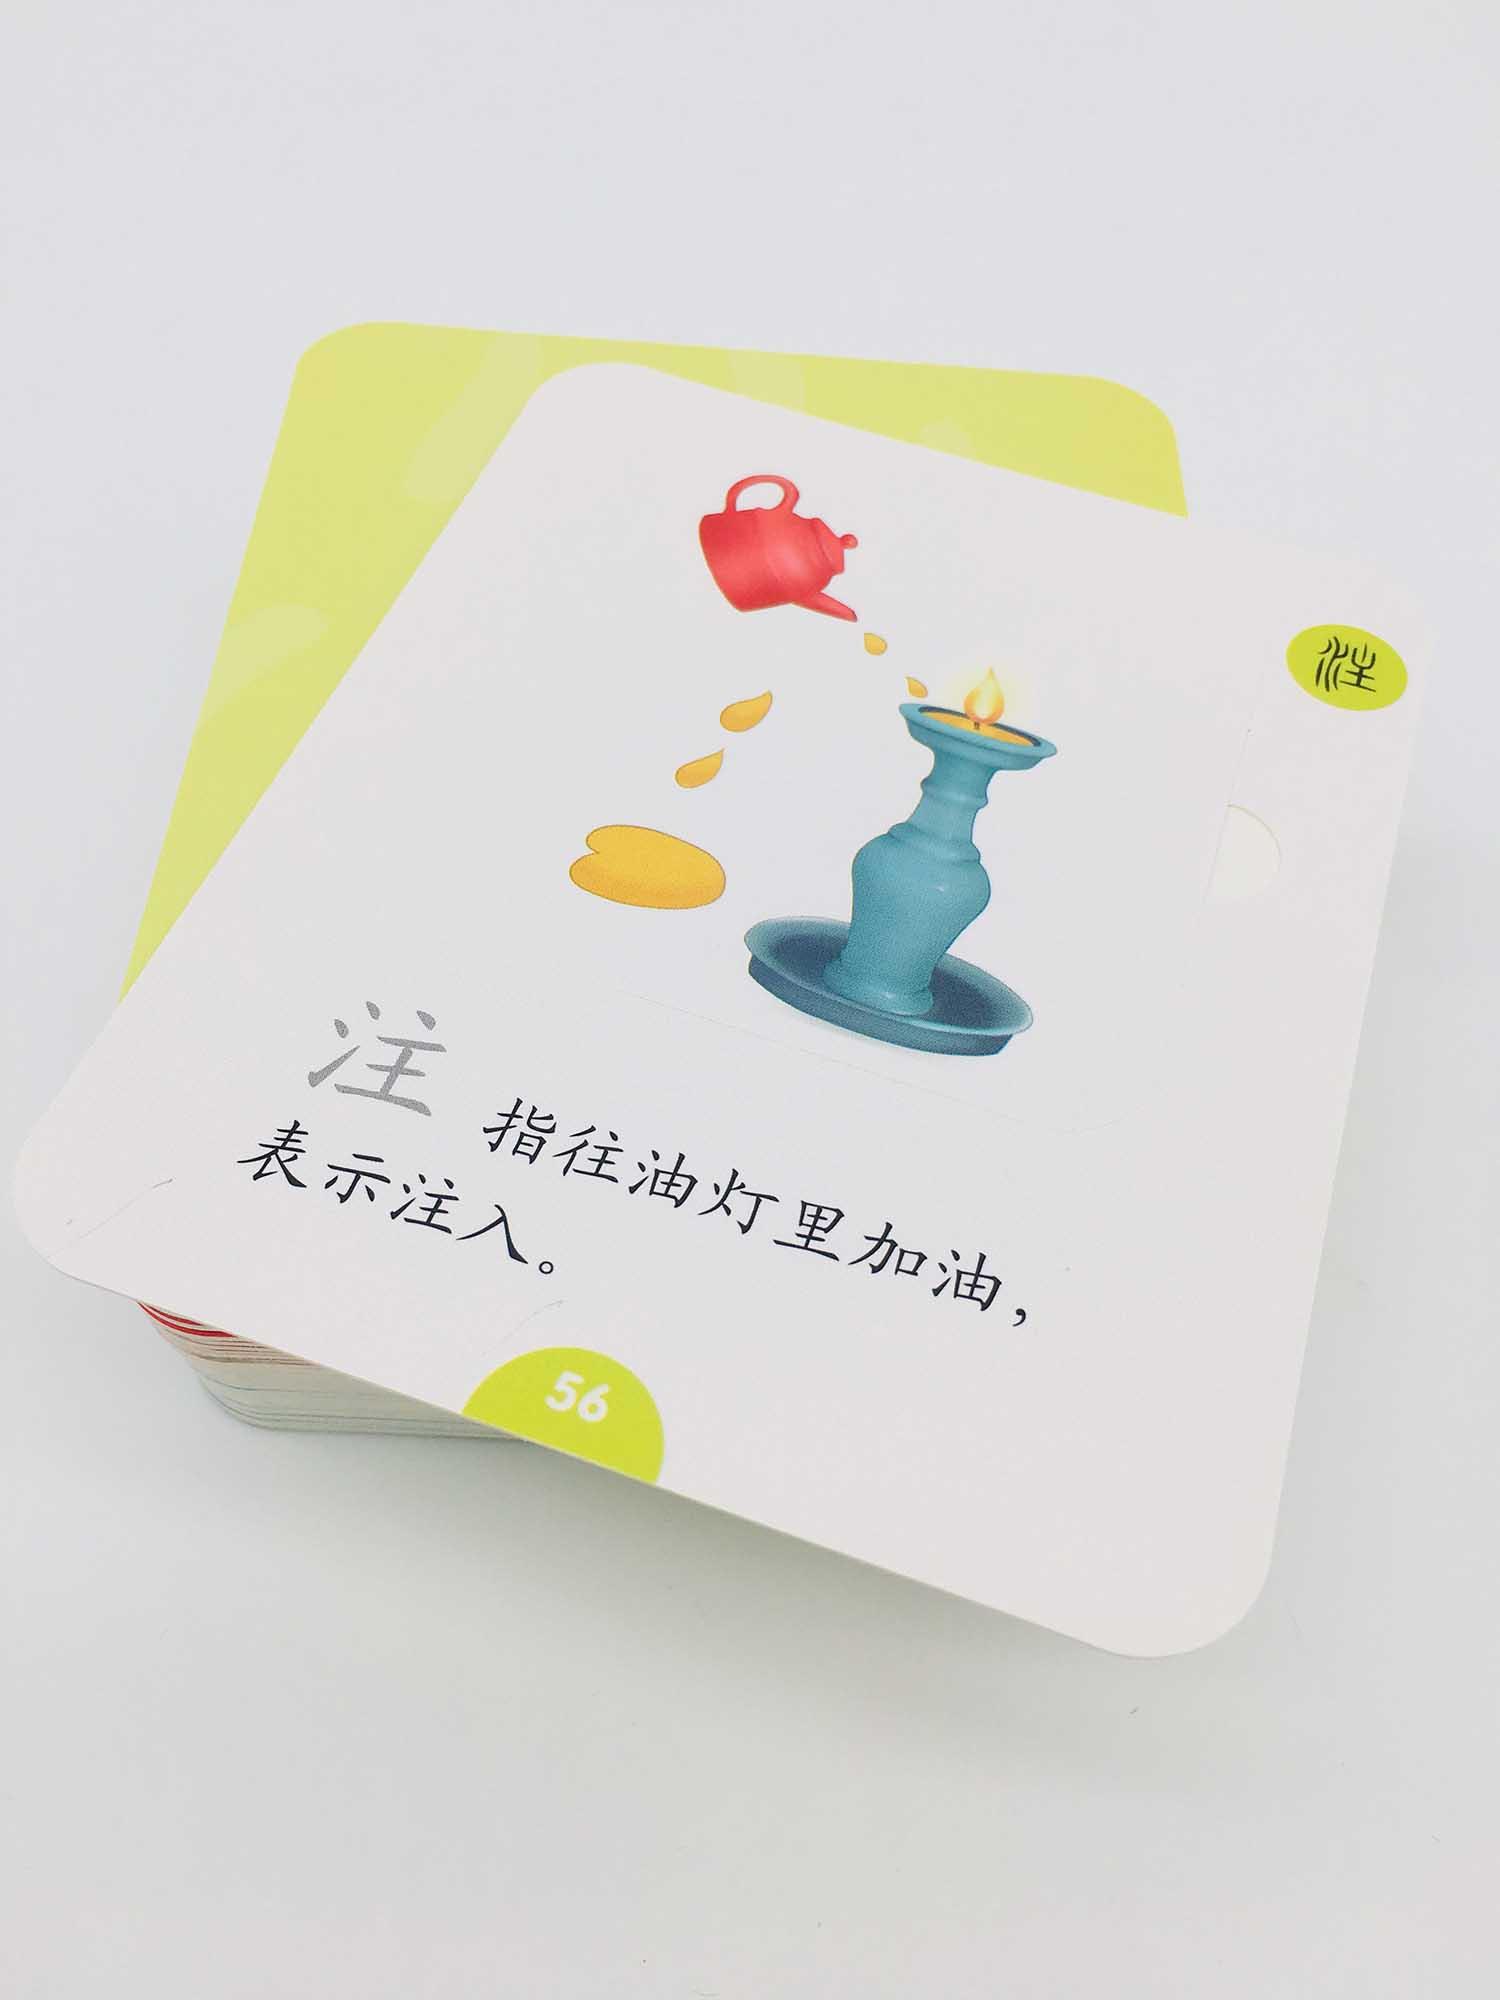 嫩江产品宣传册印刷